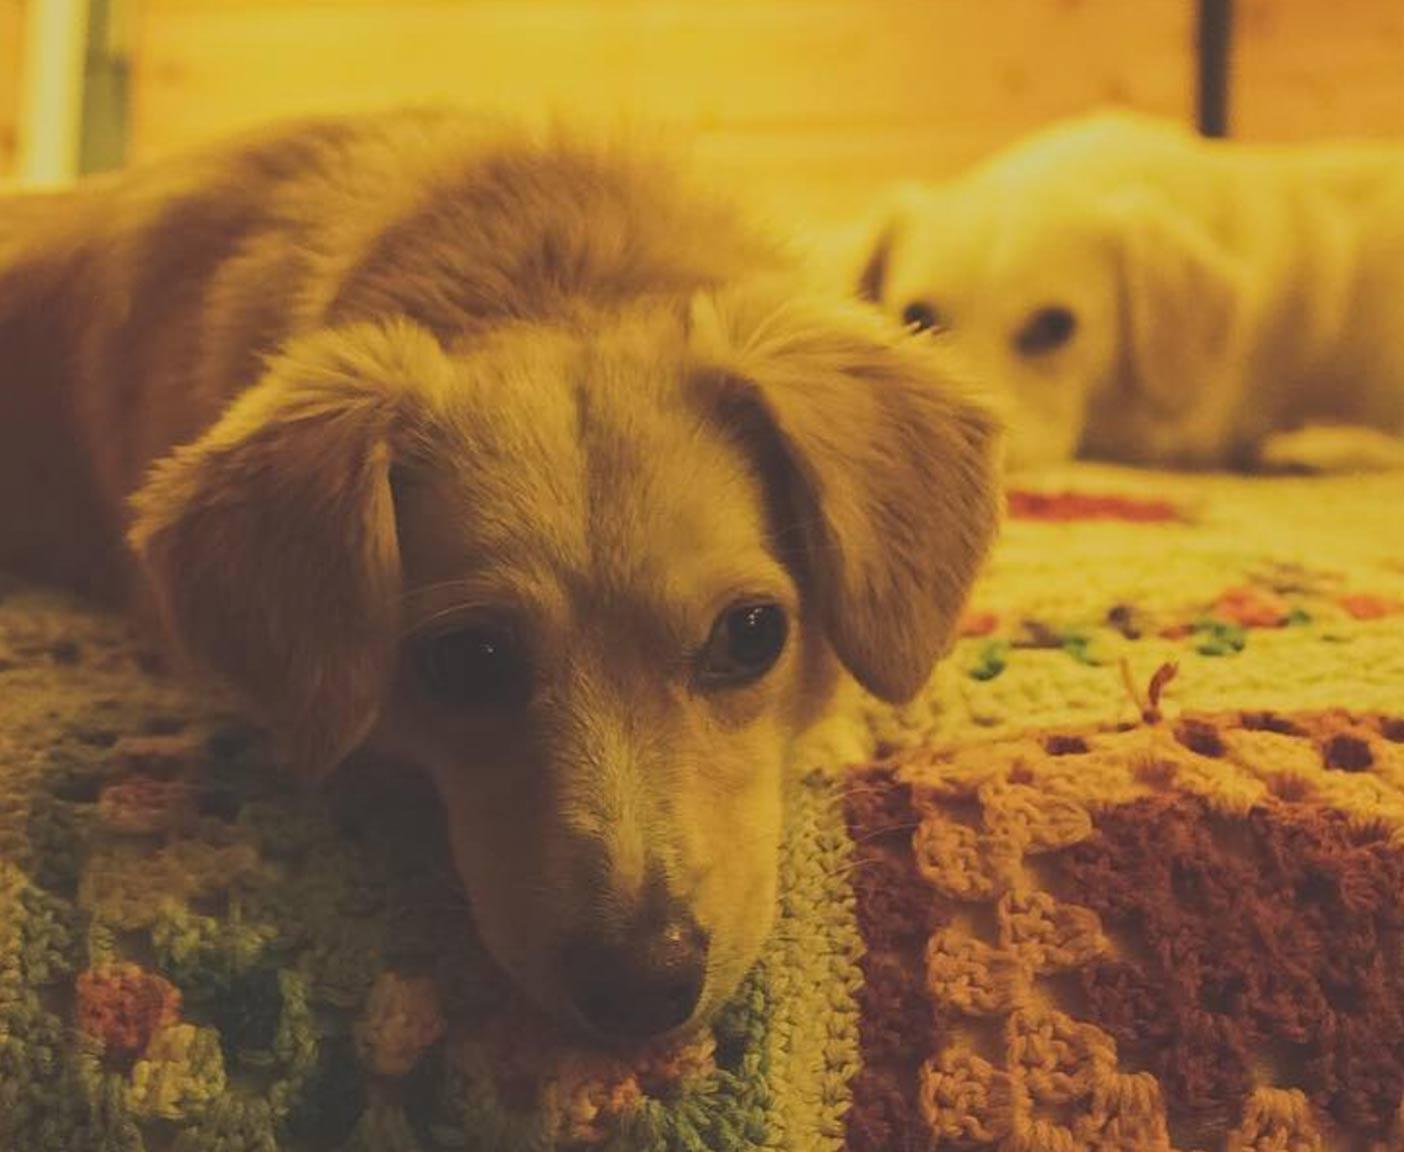 vw-lt-28-mywanderingisland-youtube-strassenhund